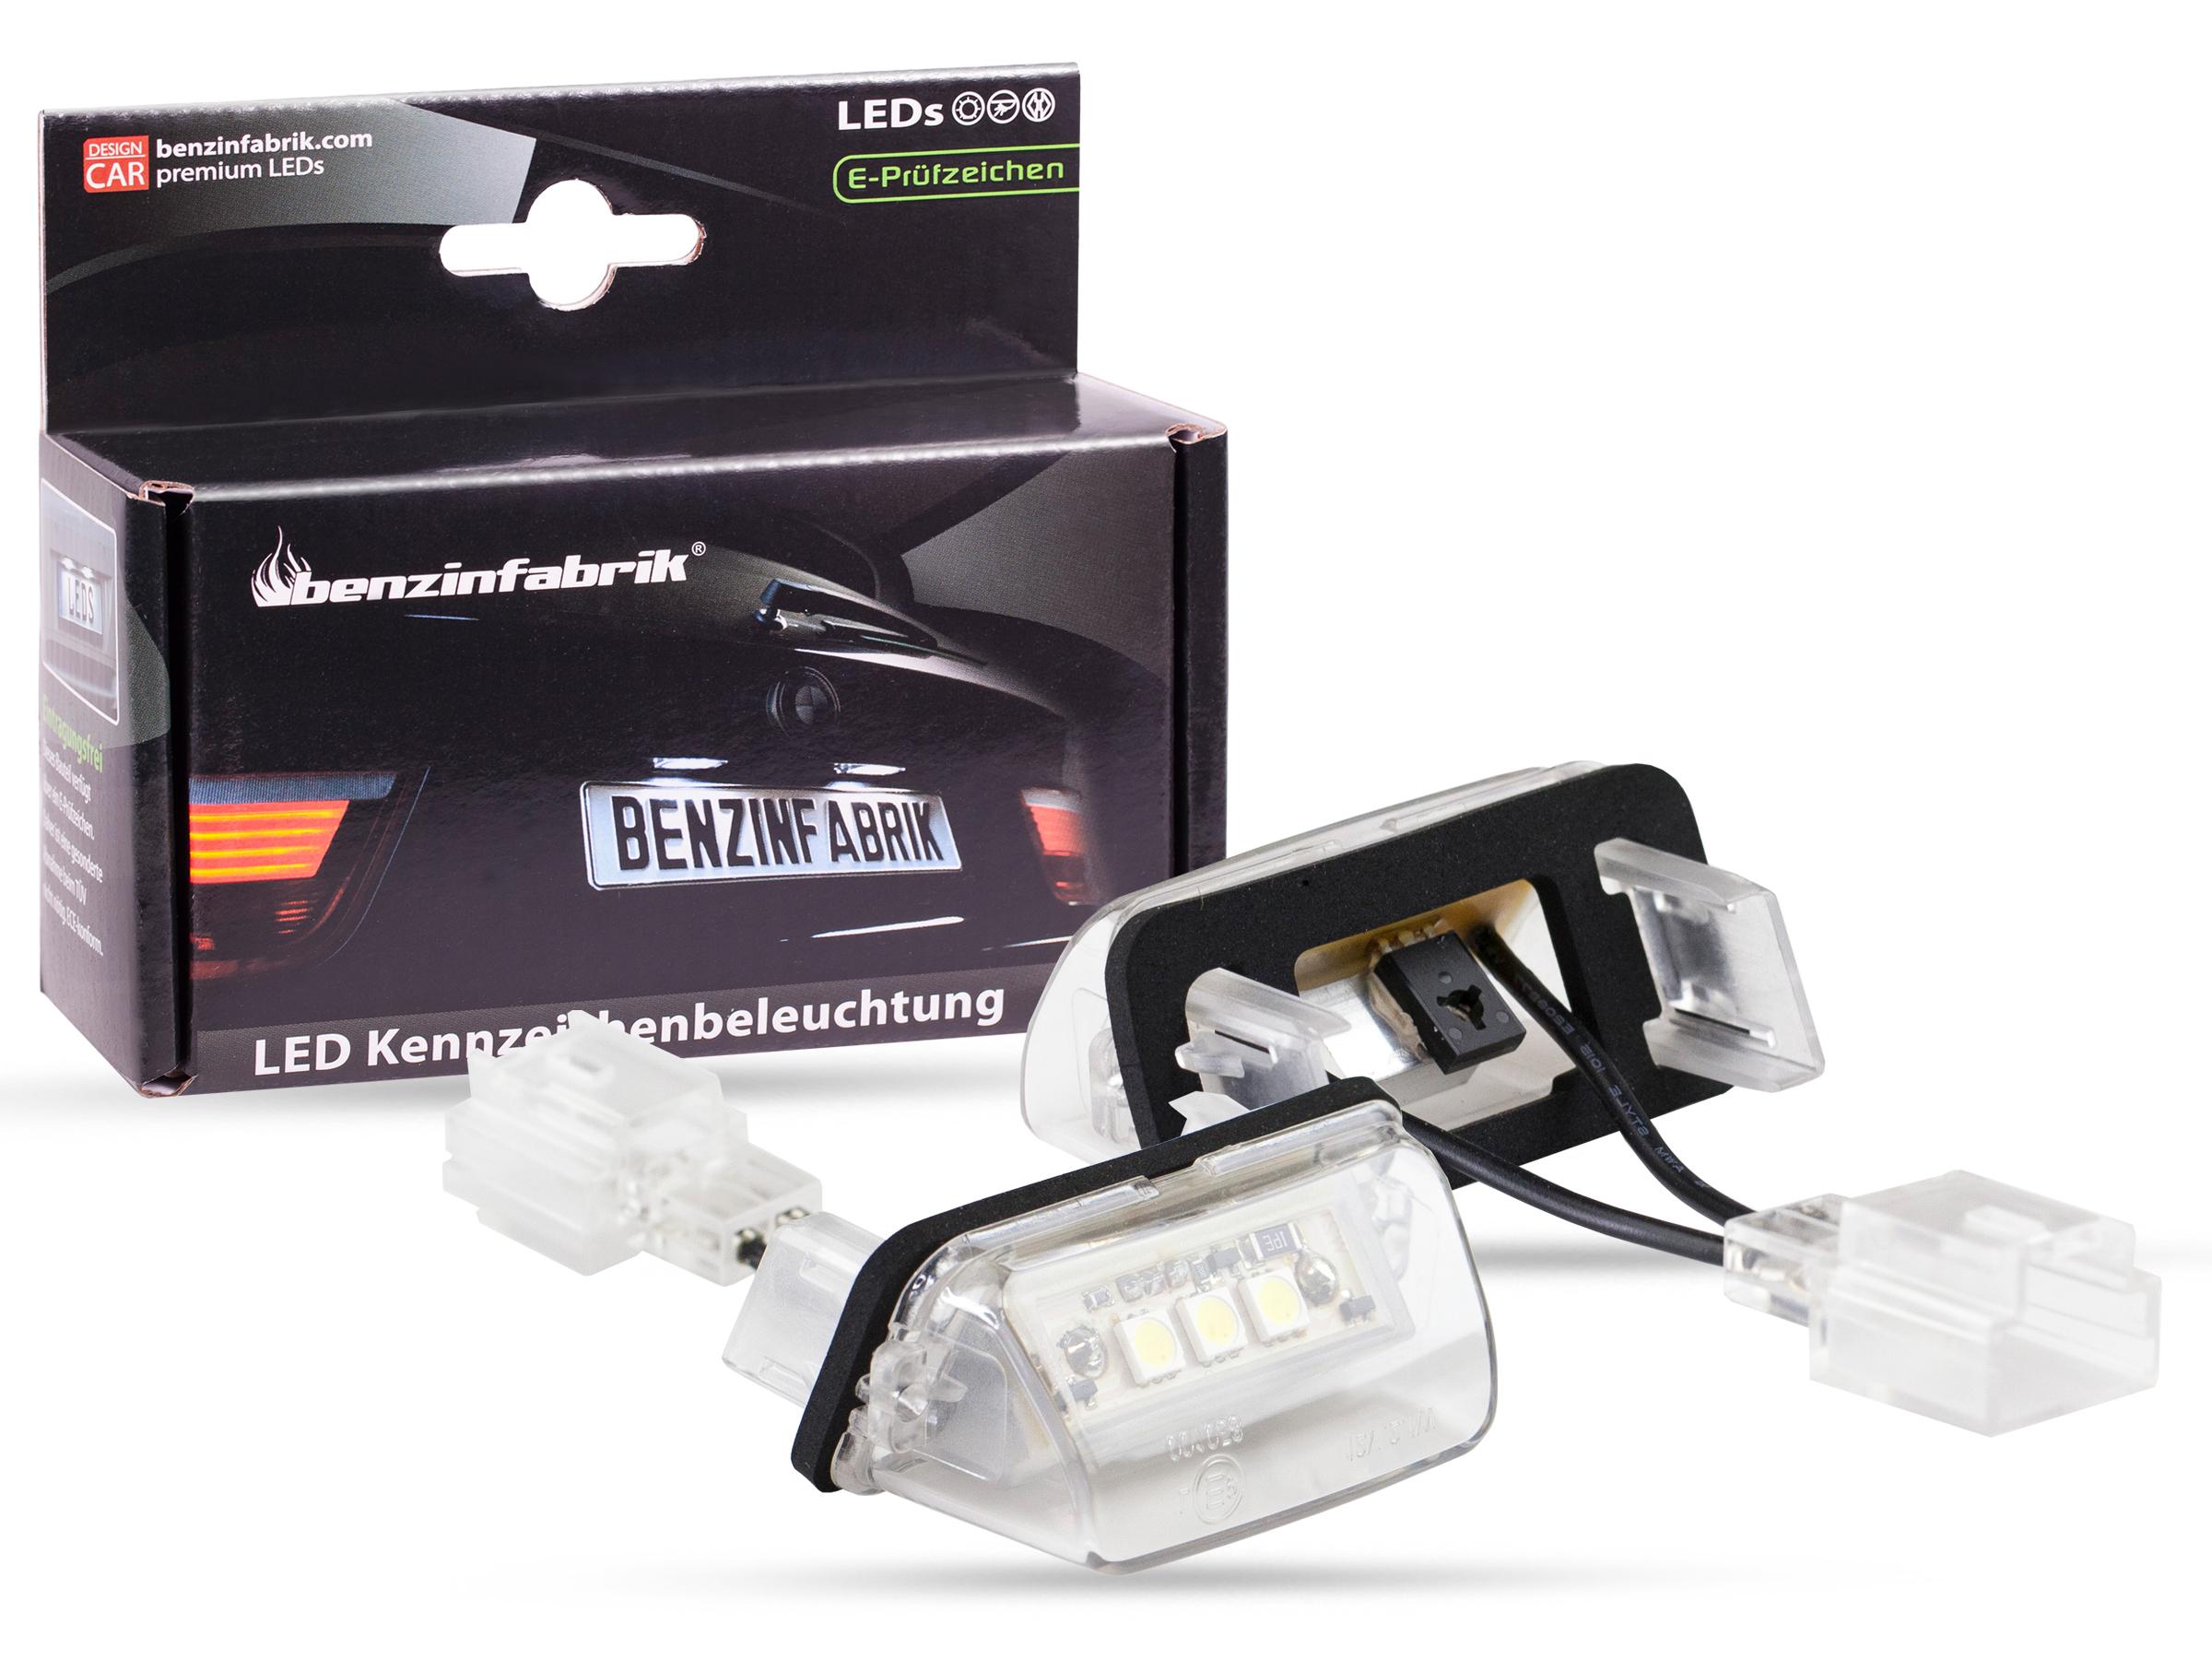 led kennzeichenbeleuchtung module peugeot 206, 206plus, 206cc, 207